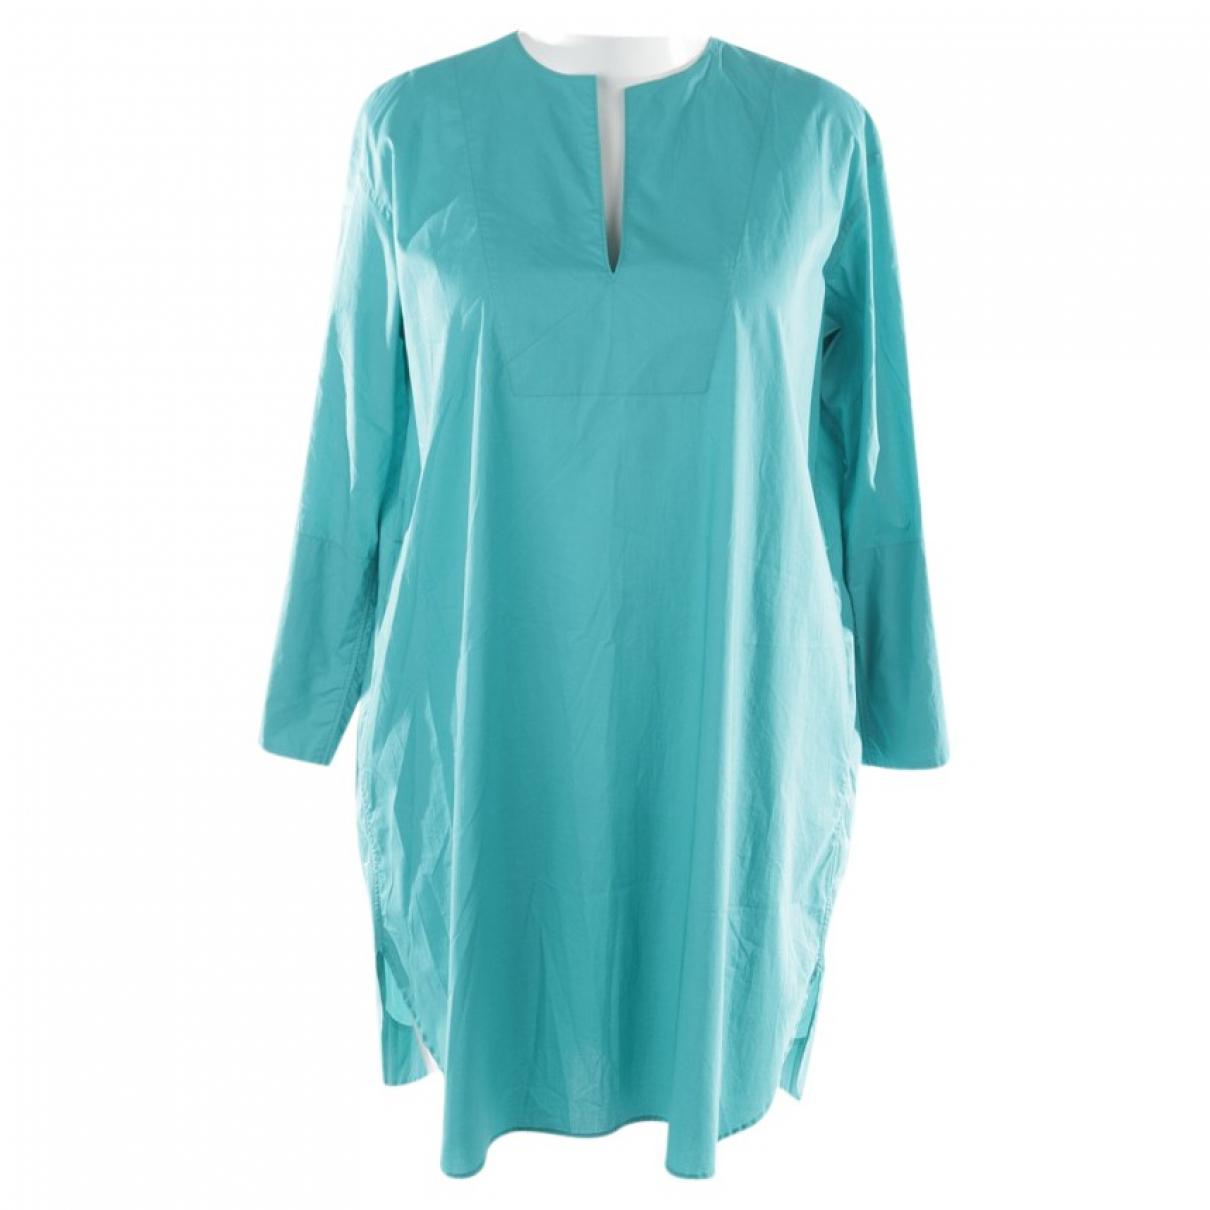 Lis Lareida - Top   pour femme en coton - vert